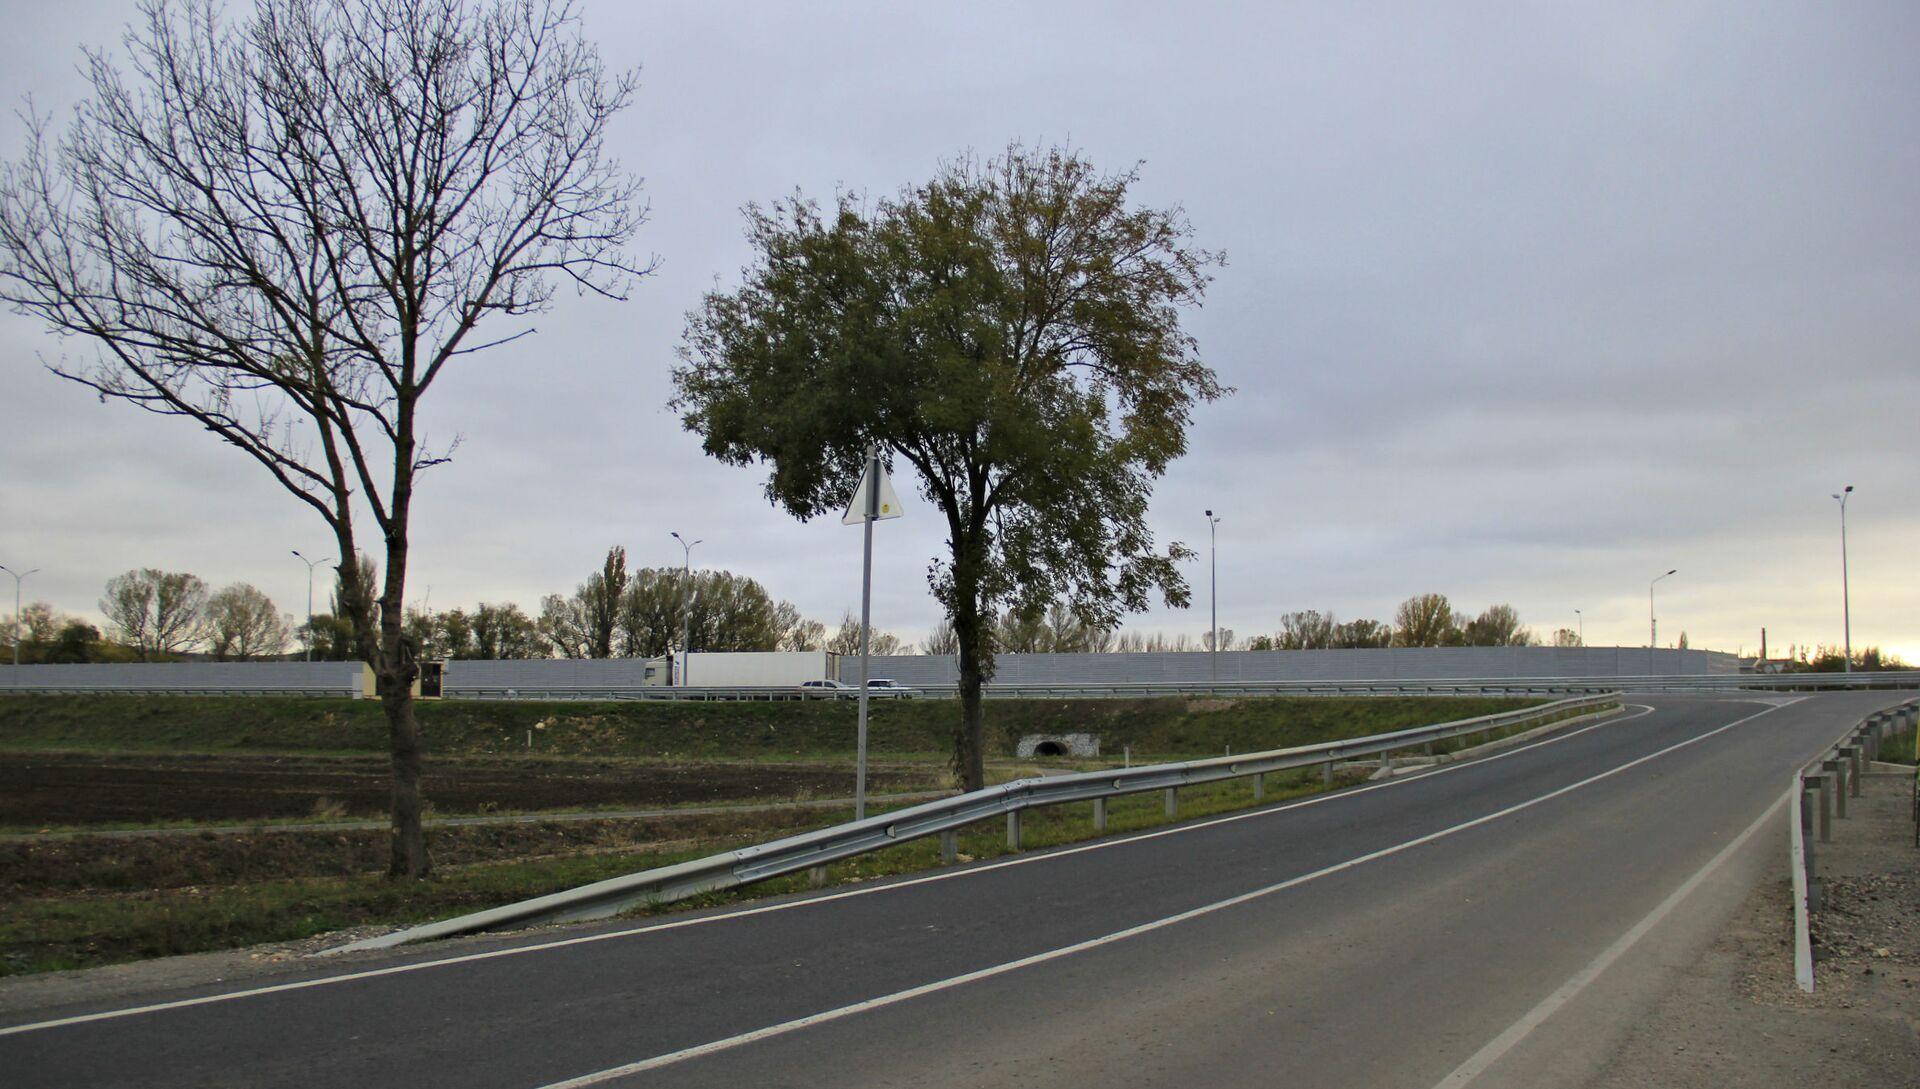 В Зуе жители просят воссоединить поселок с соседними селами - РИА Новости, 1920, 18.11.2020